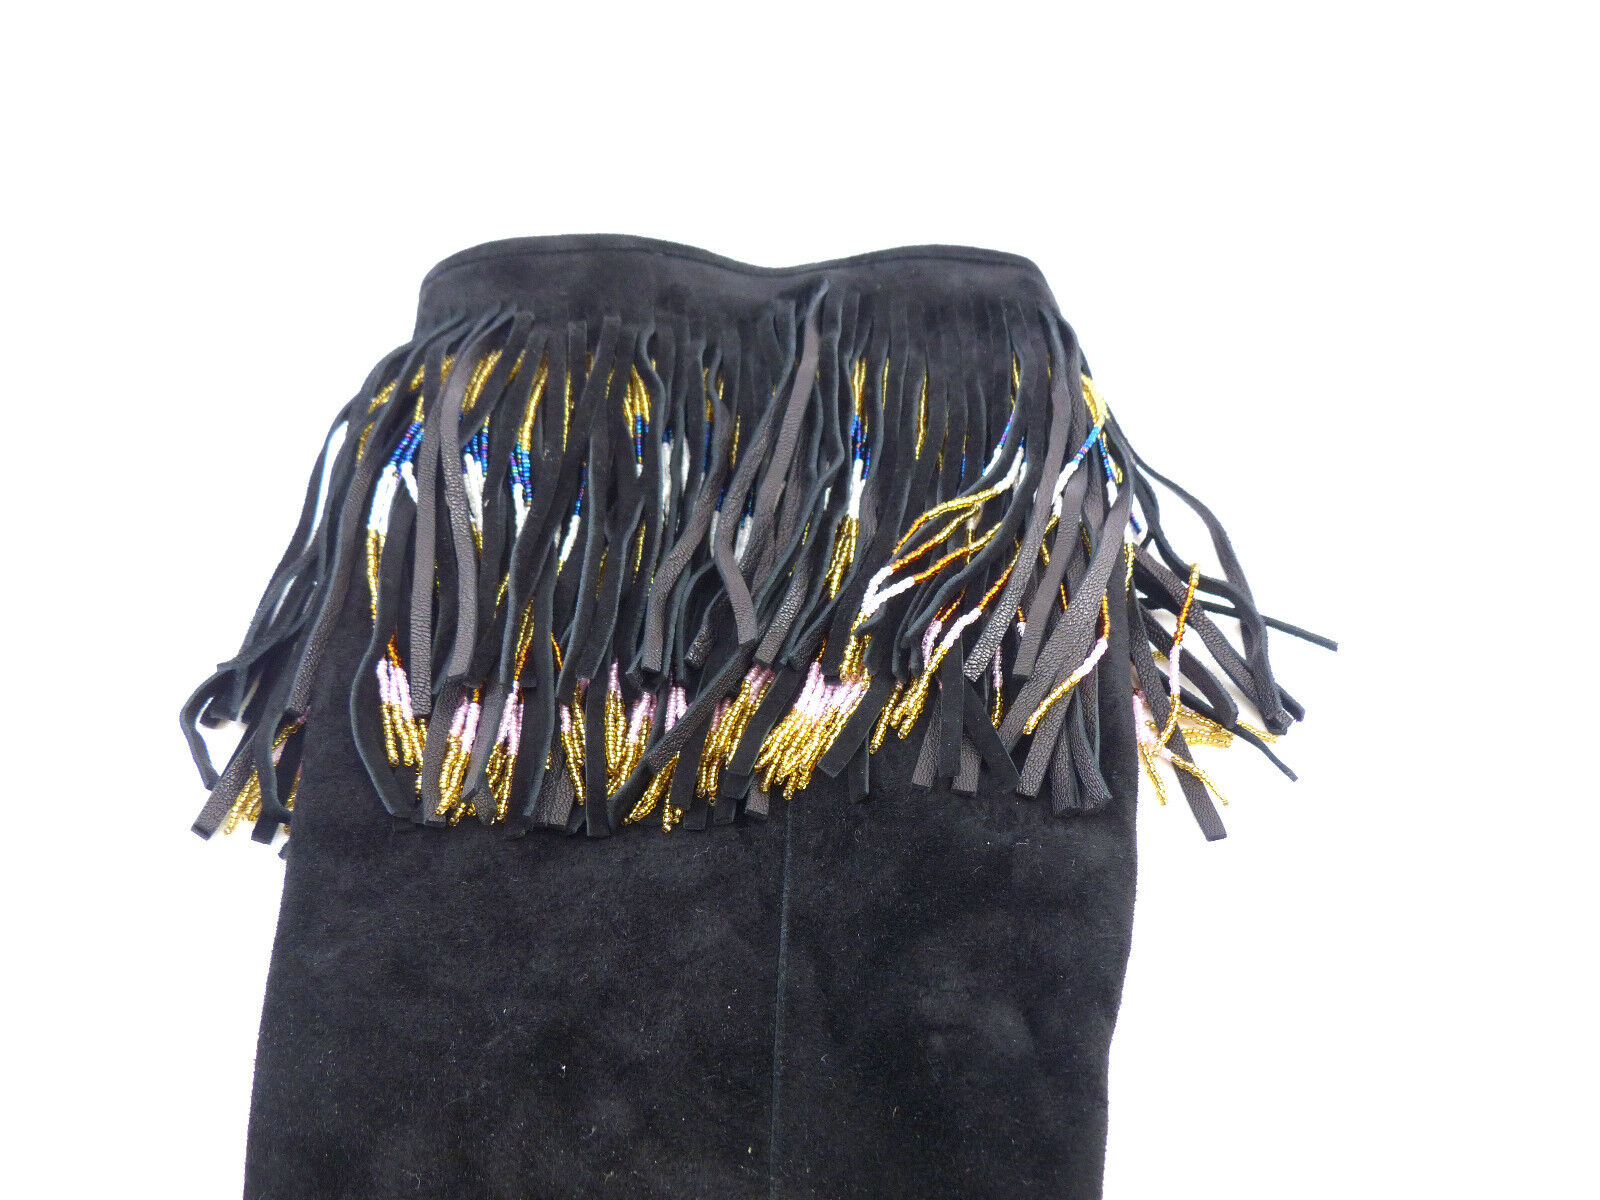 Jimmy Choo Bill en daim daim daim noir orné de perles Bottes Hautes  UK 7.5 EU 40.5 US 10.5 aadc6c